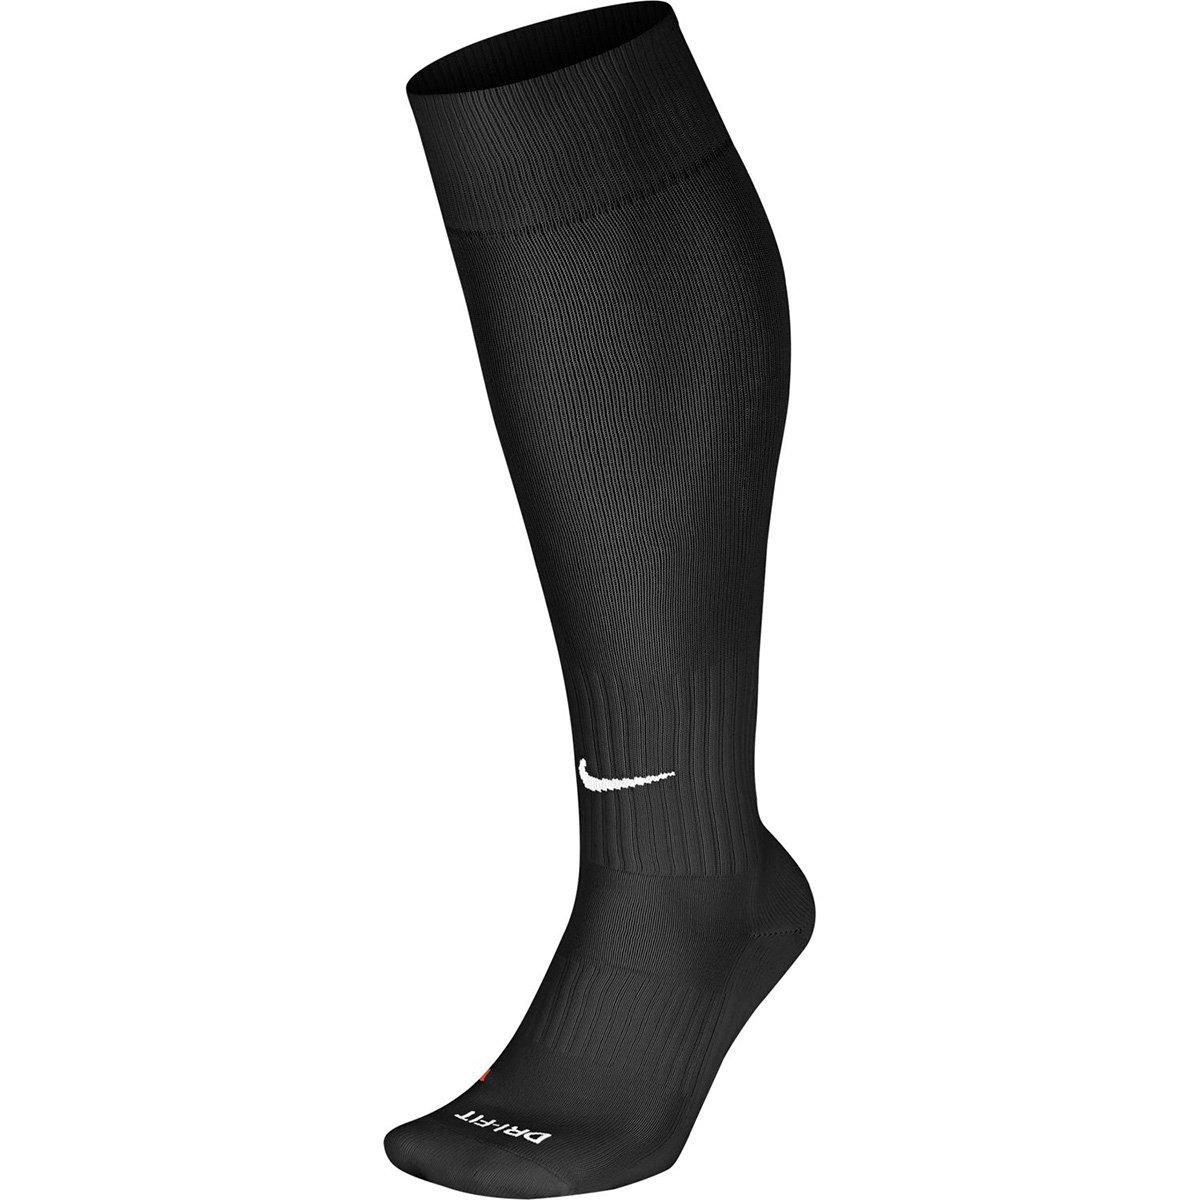 Meião Nike Classic Football Dri-FIT - Tam: G - 1